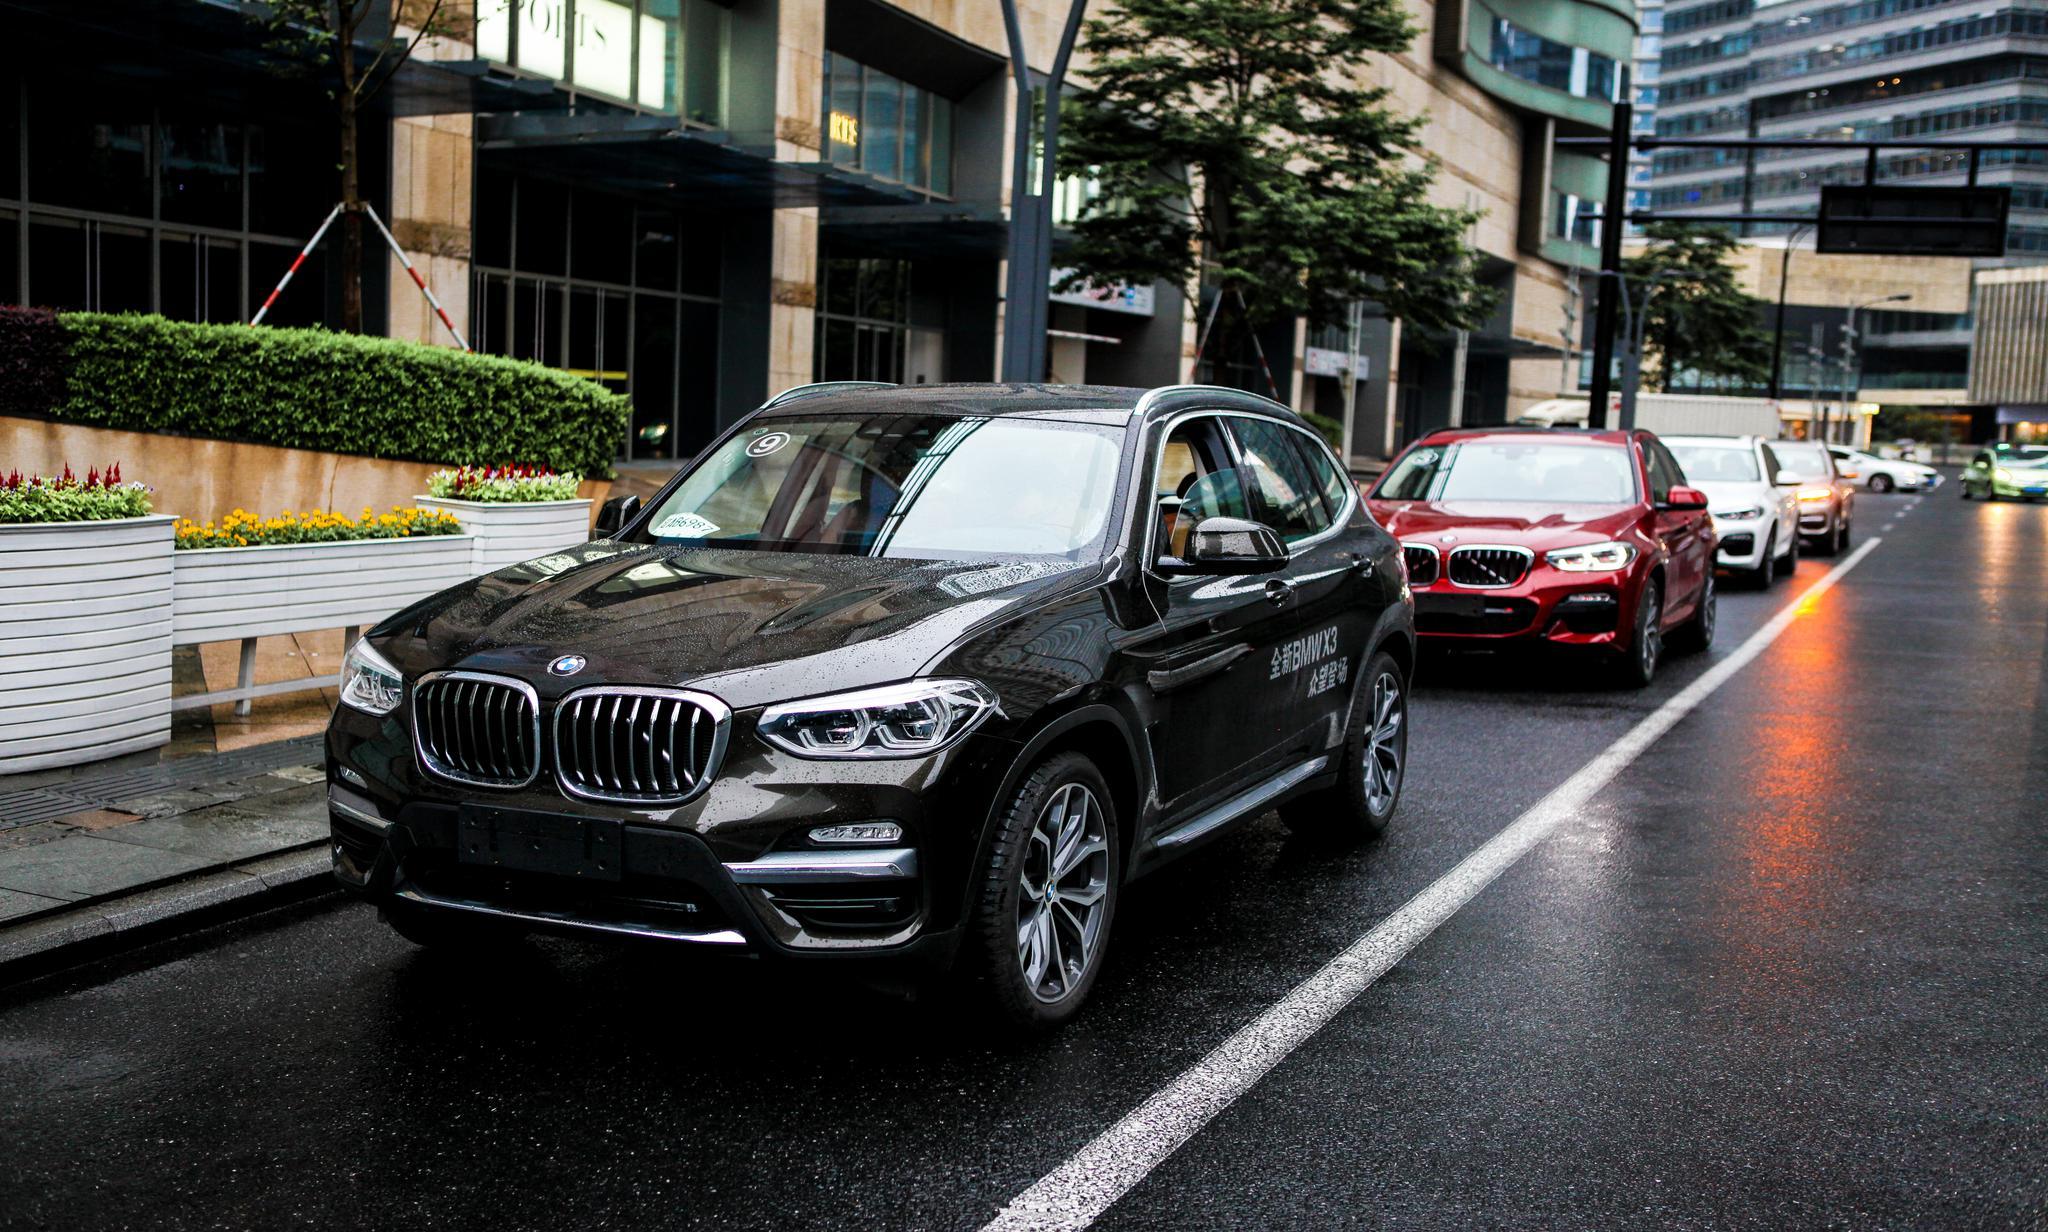 宝马东南区全新BMW X3媒体试驾会落幕